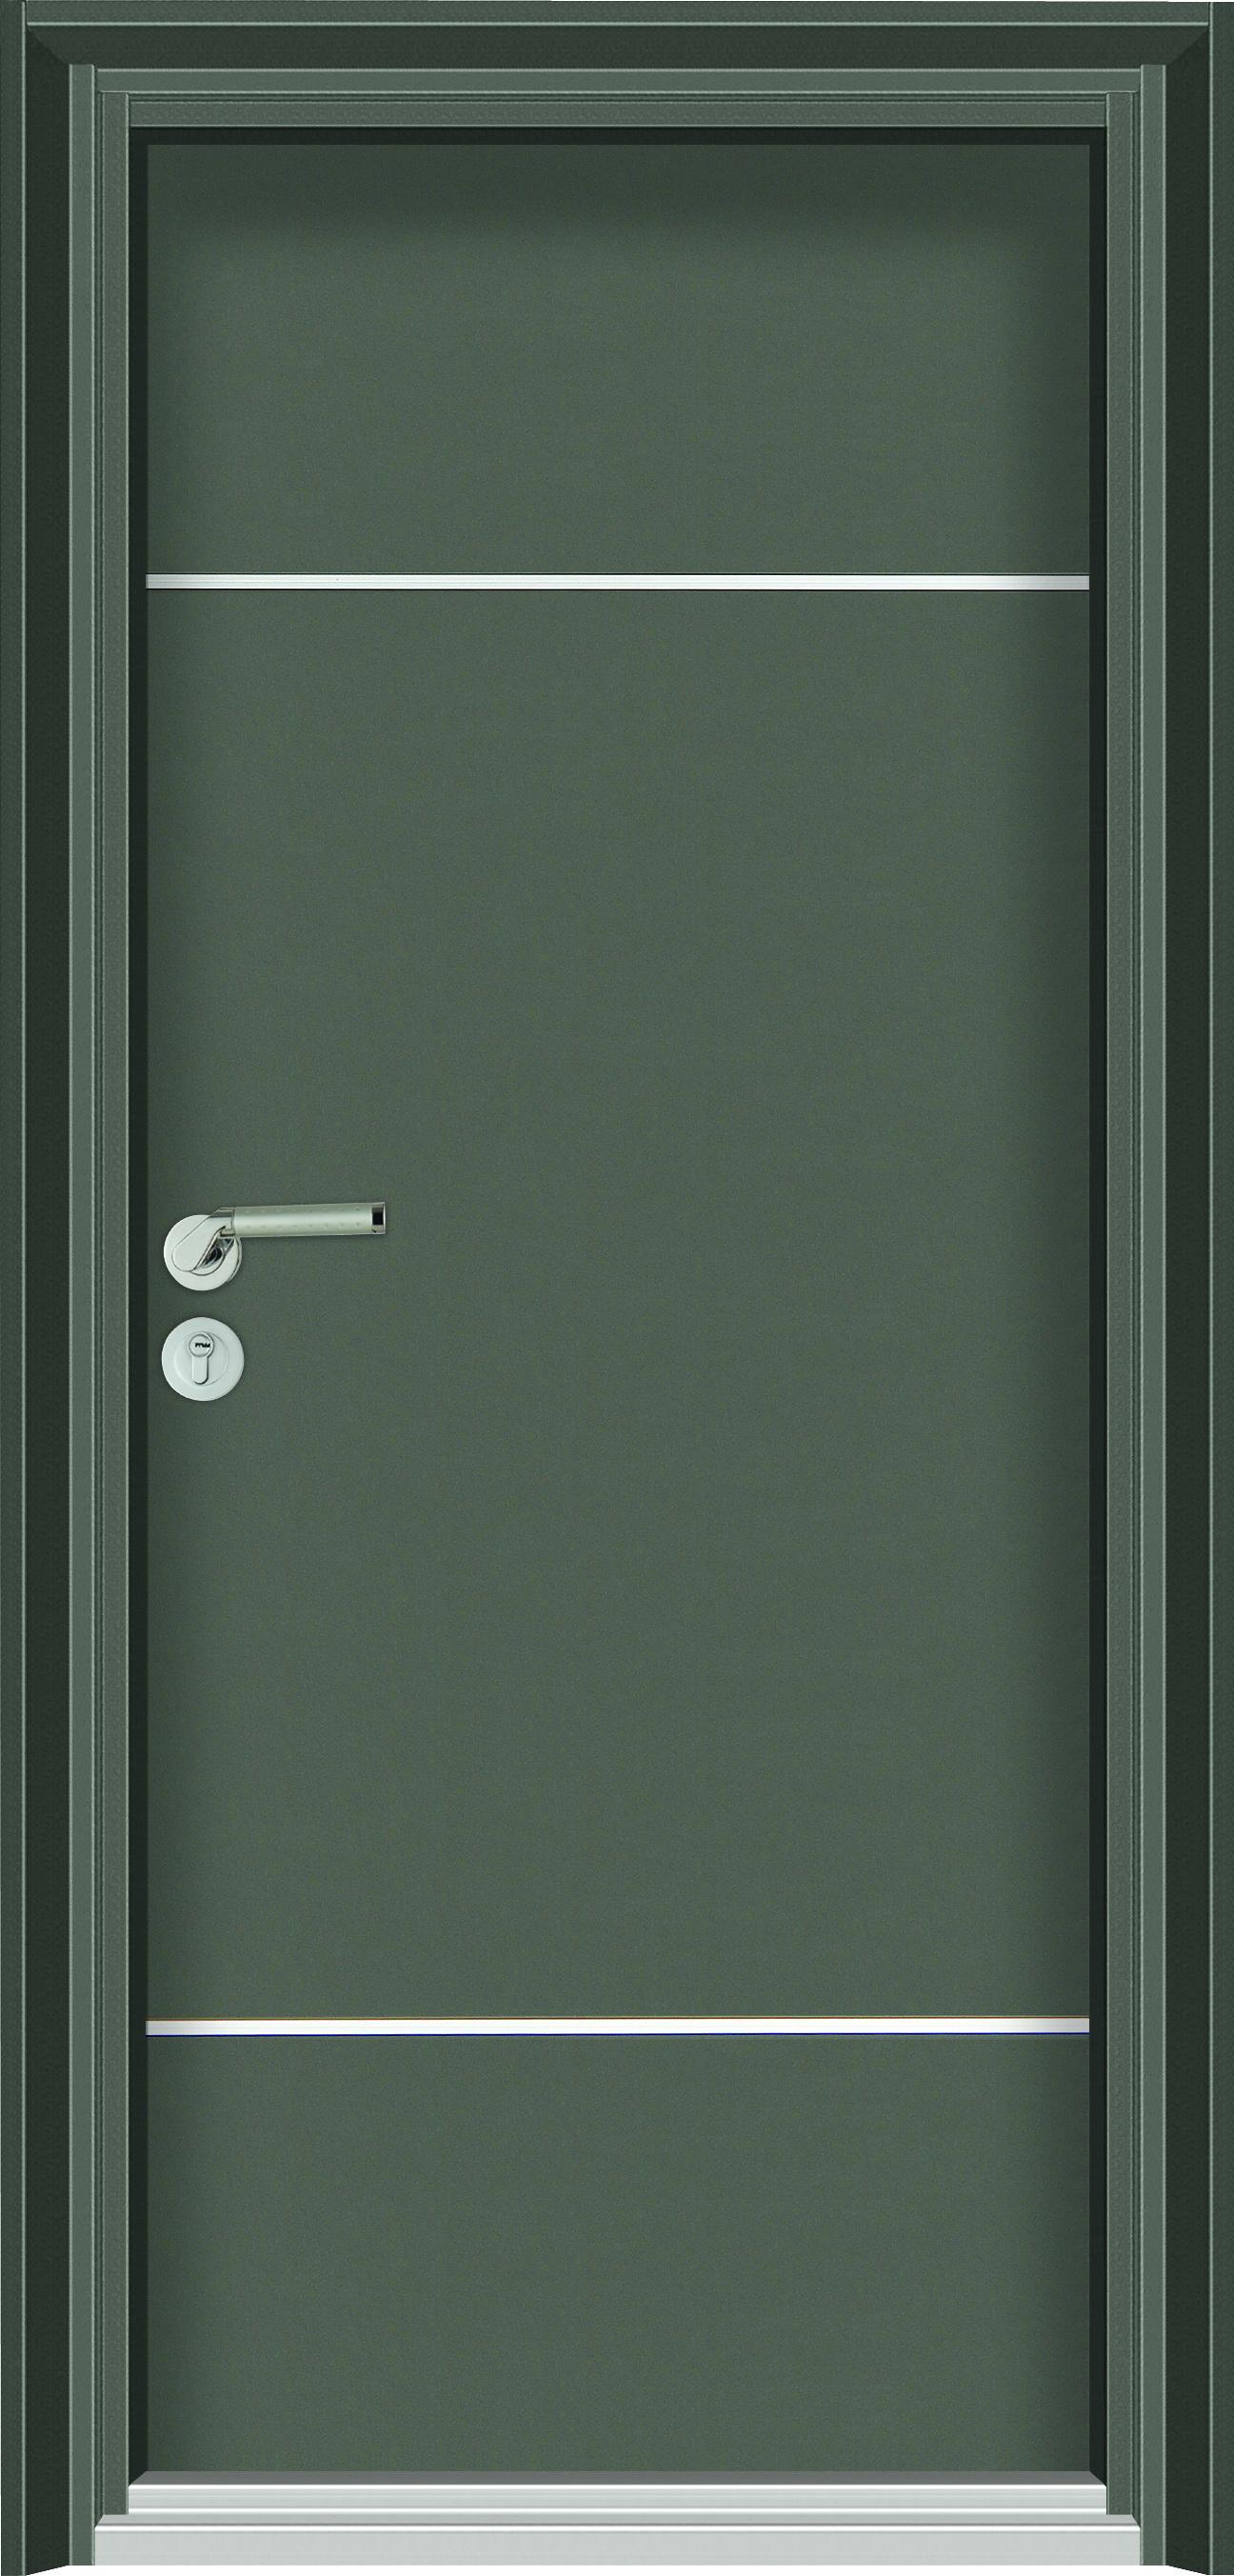 甲鋼05-1 1C